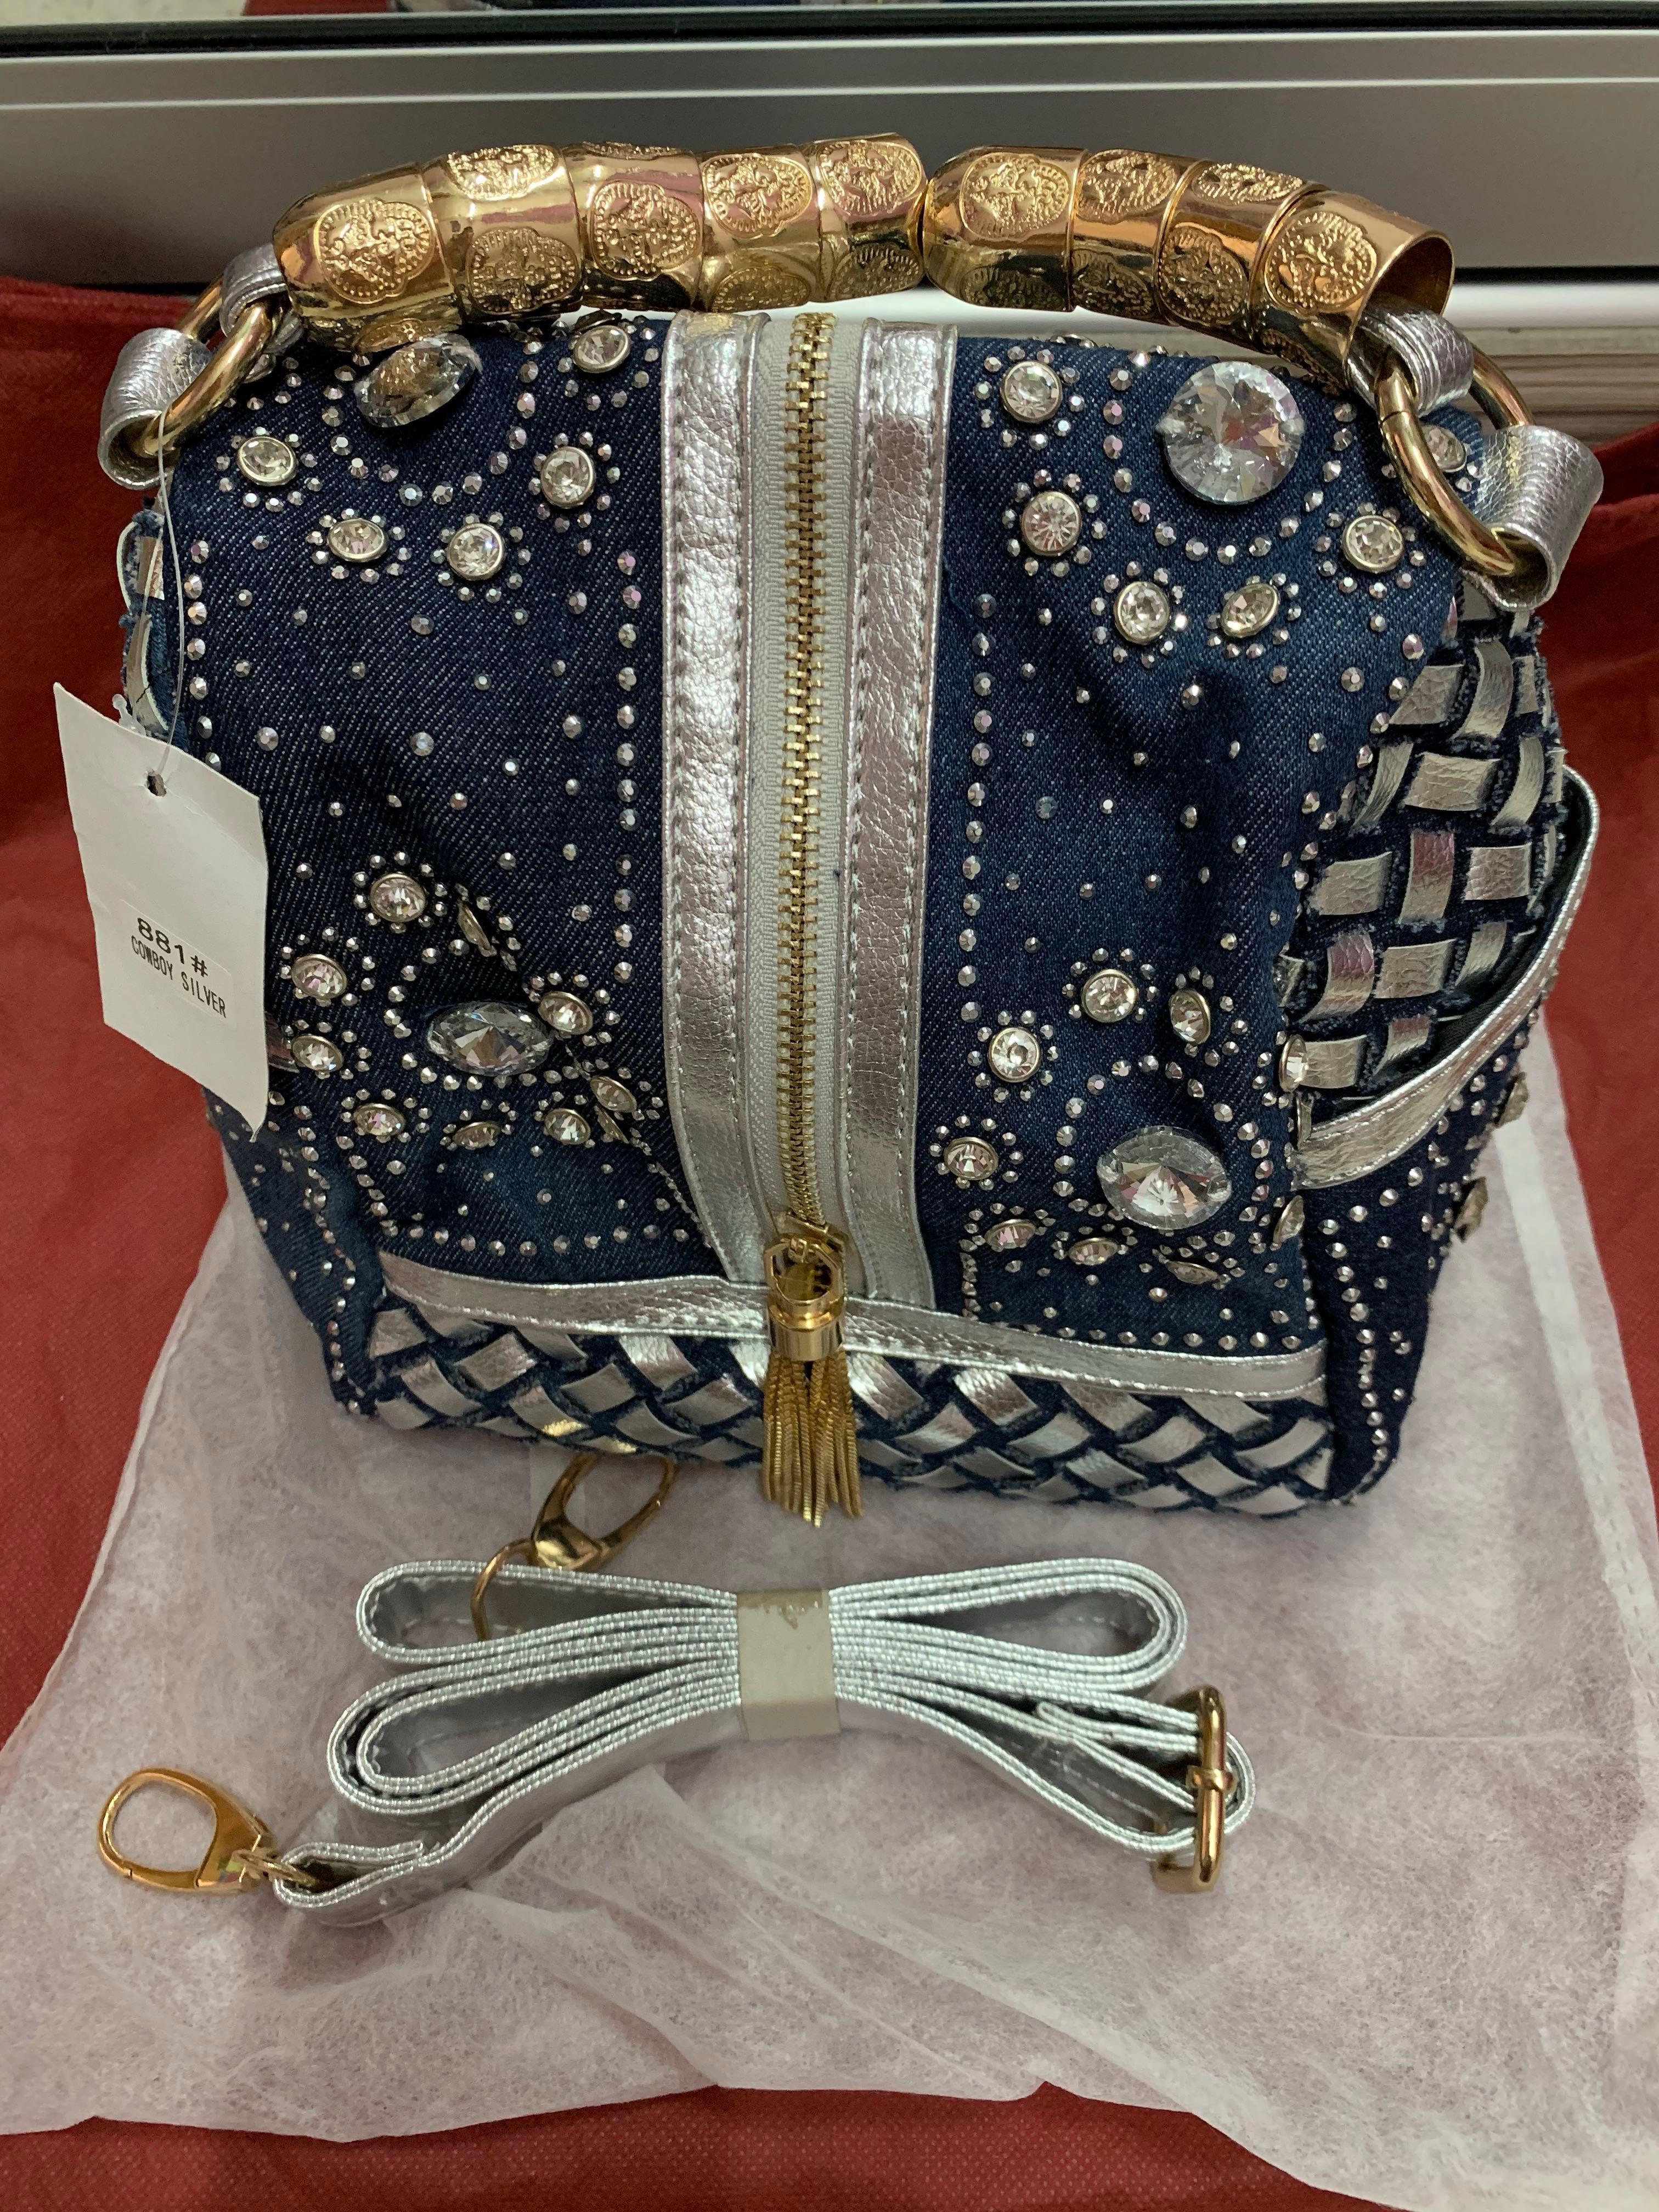 Very attractive unique vintage bead embroidered Korean made handbag